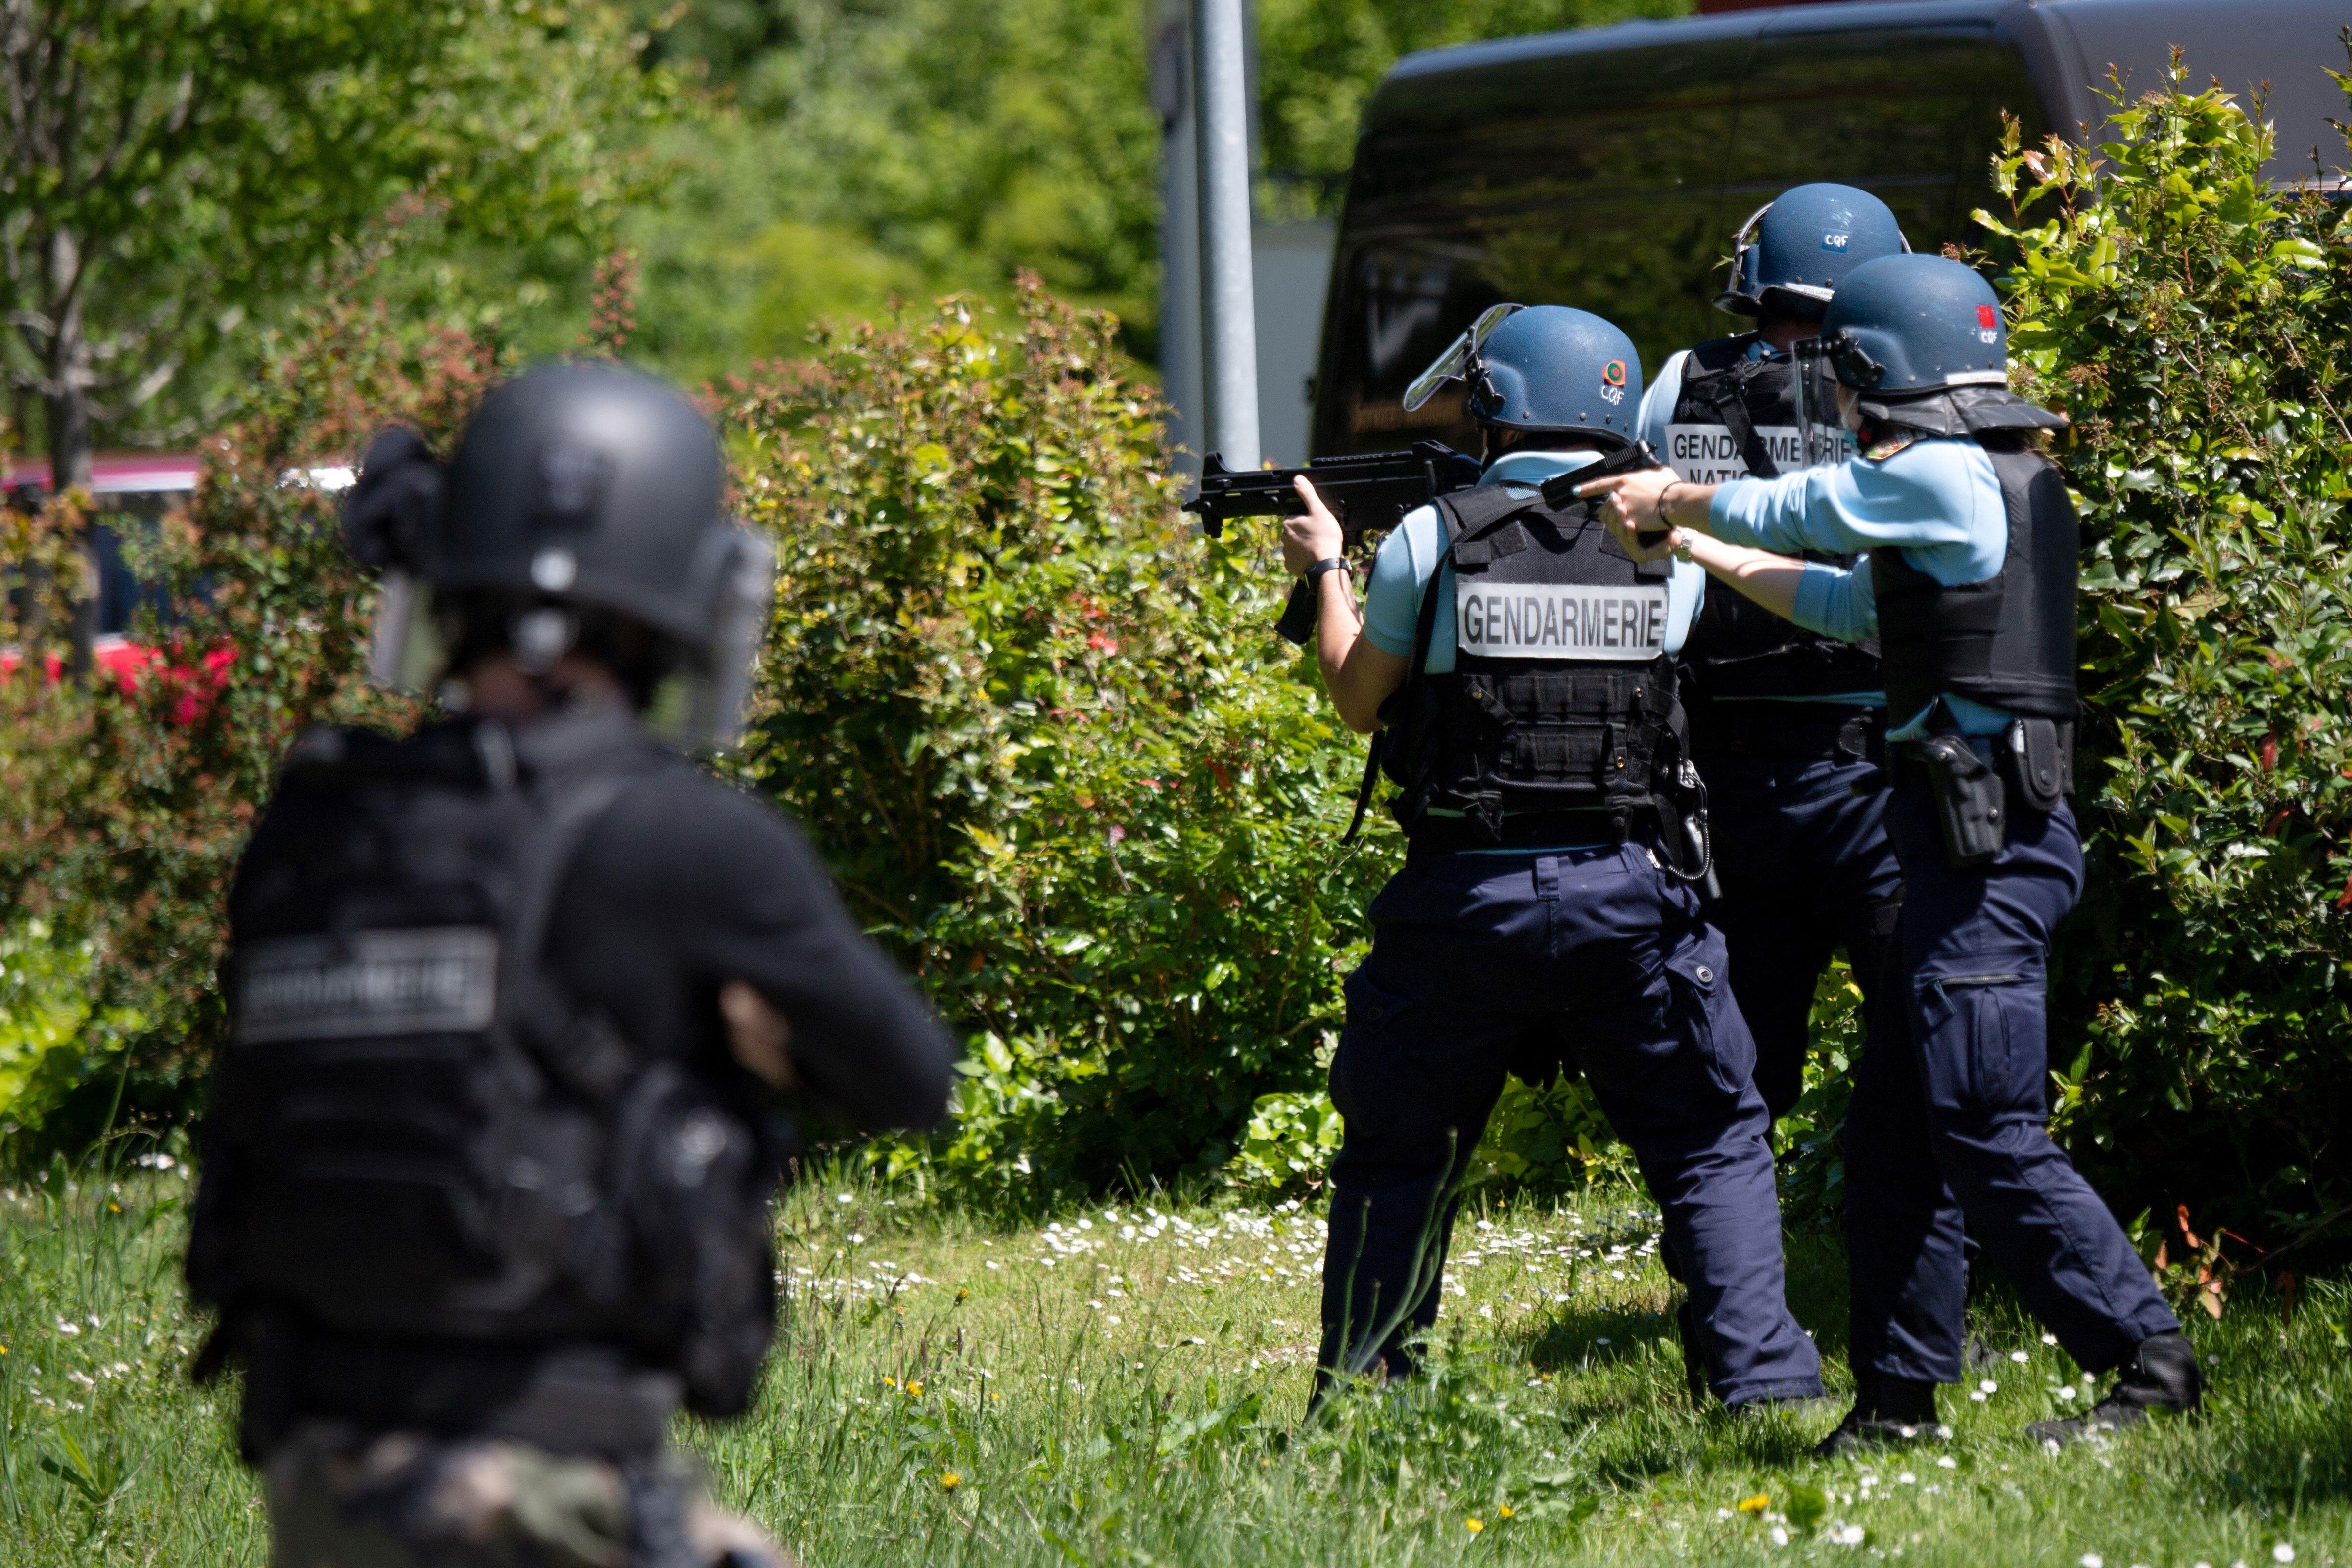 Le procureur de Nantes Pierre Sennès a livré un récit très détaillé de la traque et des agissements de...